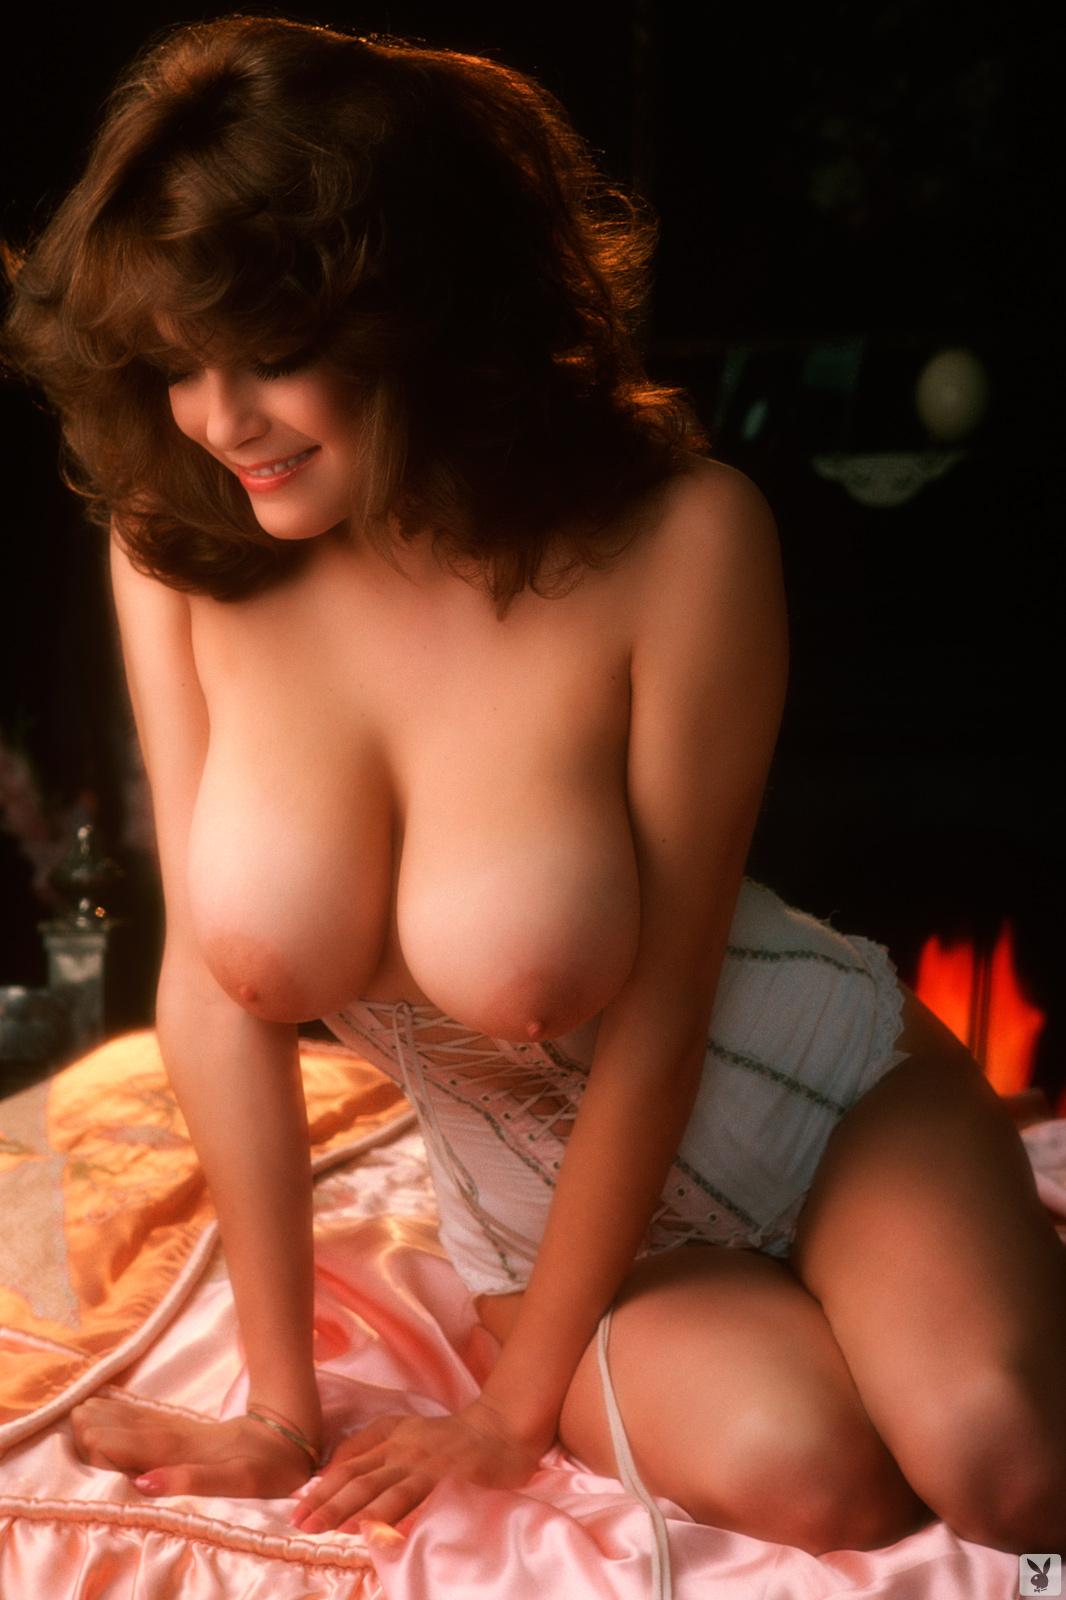 фото моделей плейбой с большой натуральной грудью этот